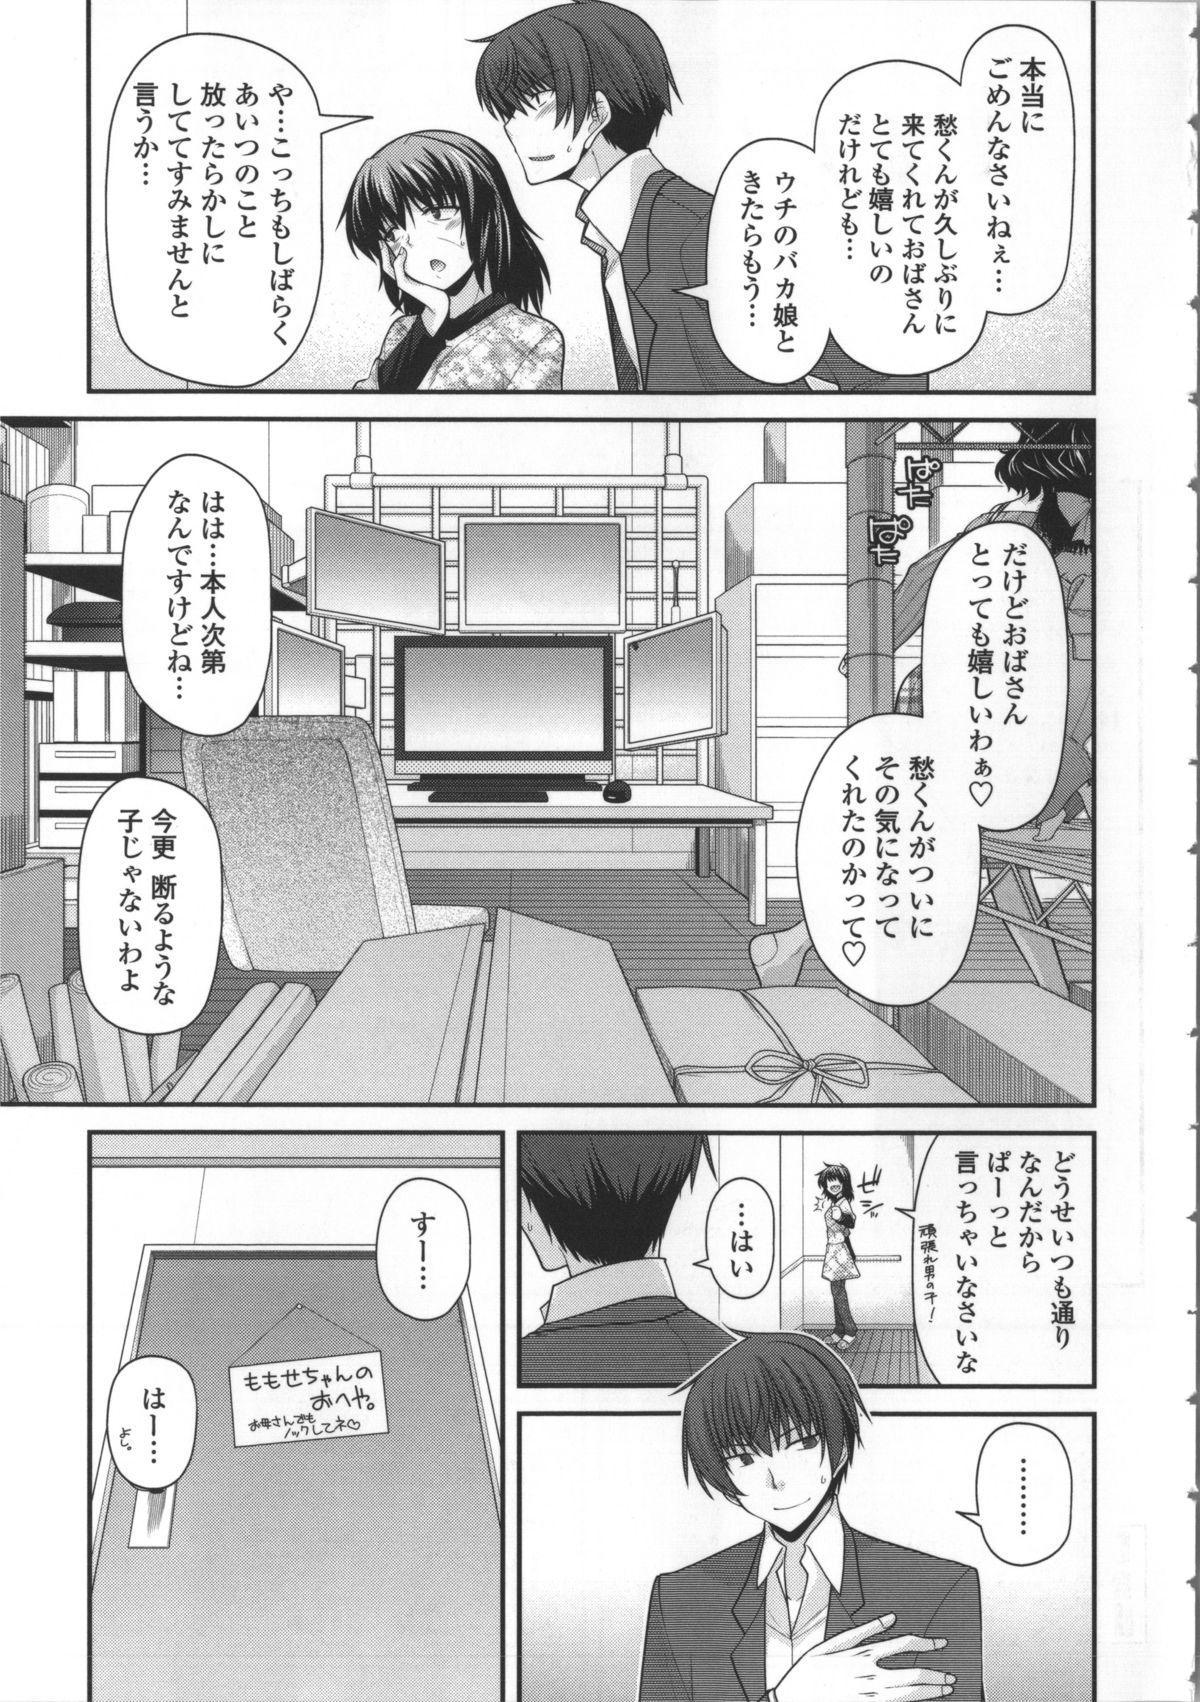 Yamato Nadeshiko Breast Changes 148